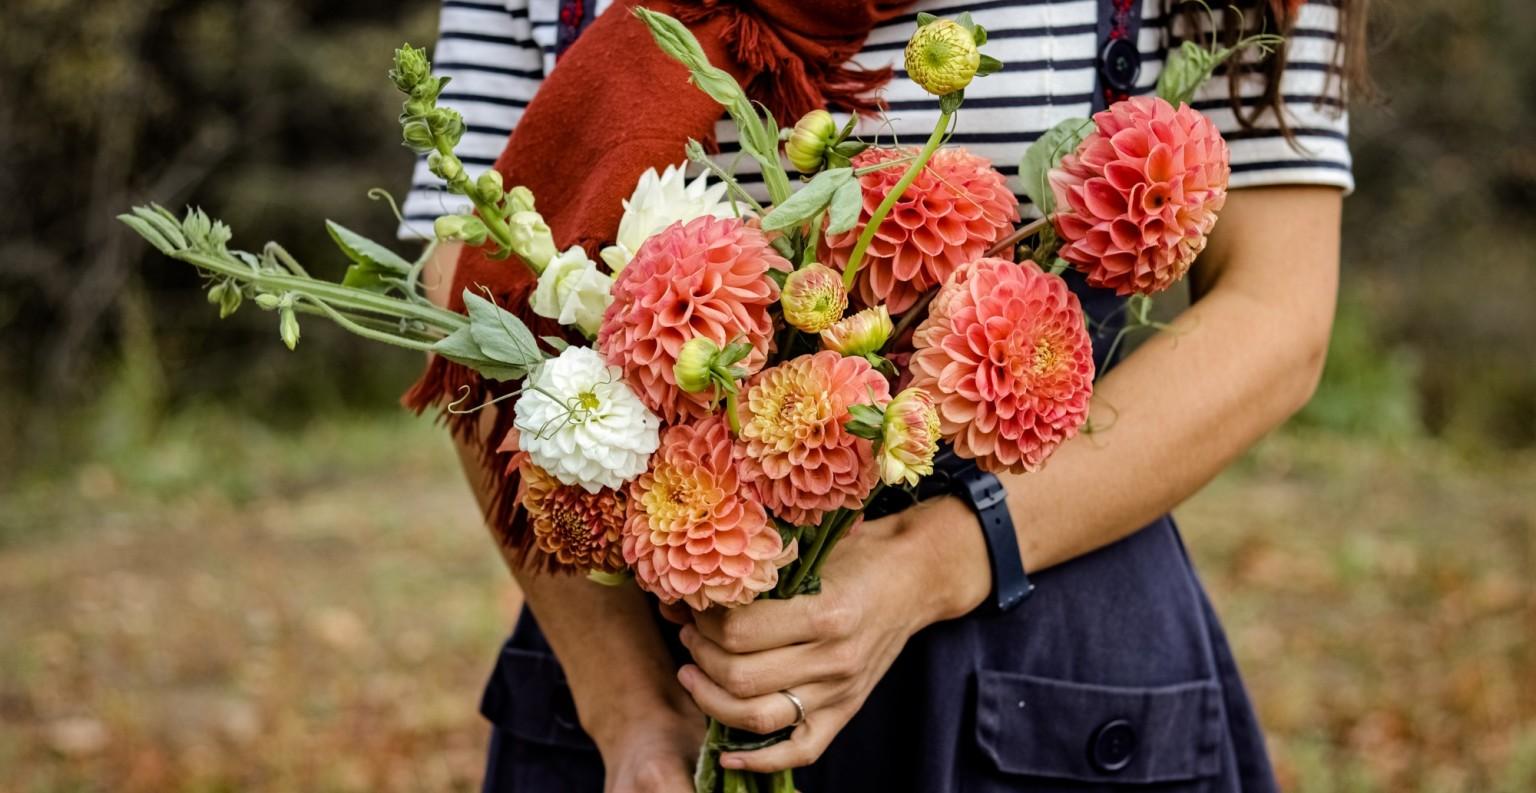 La ferme fait pousser une soixantaine de variétés de fleurs locales. ©Les Productions Novatik